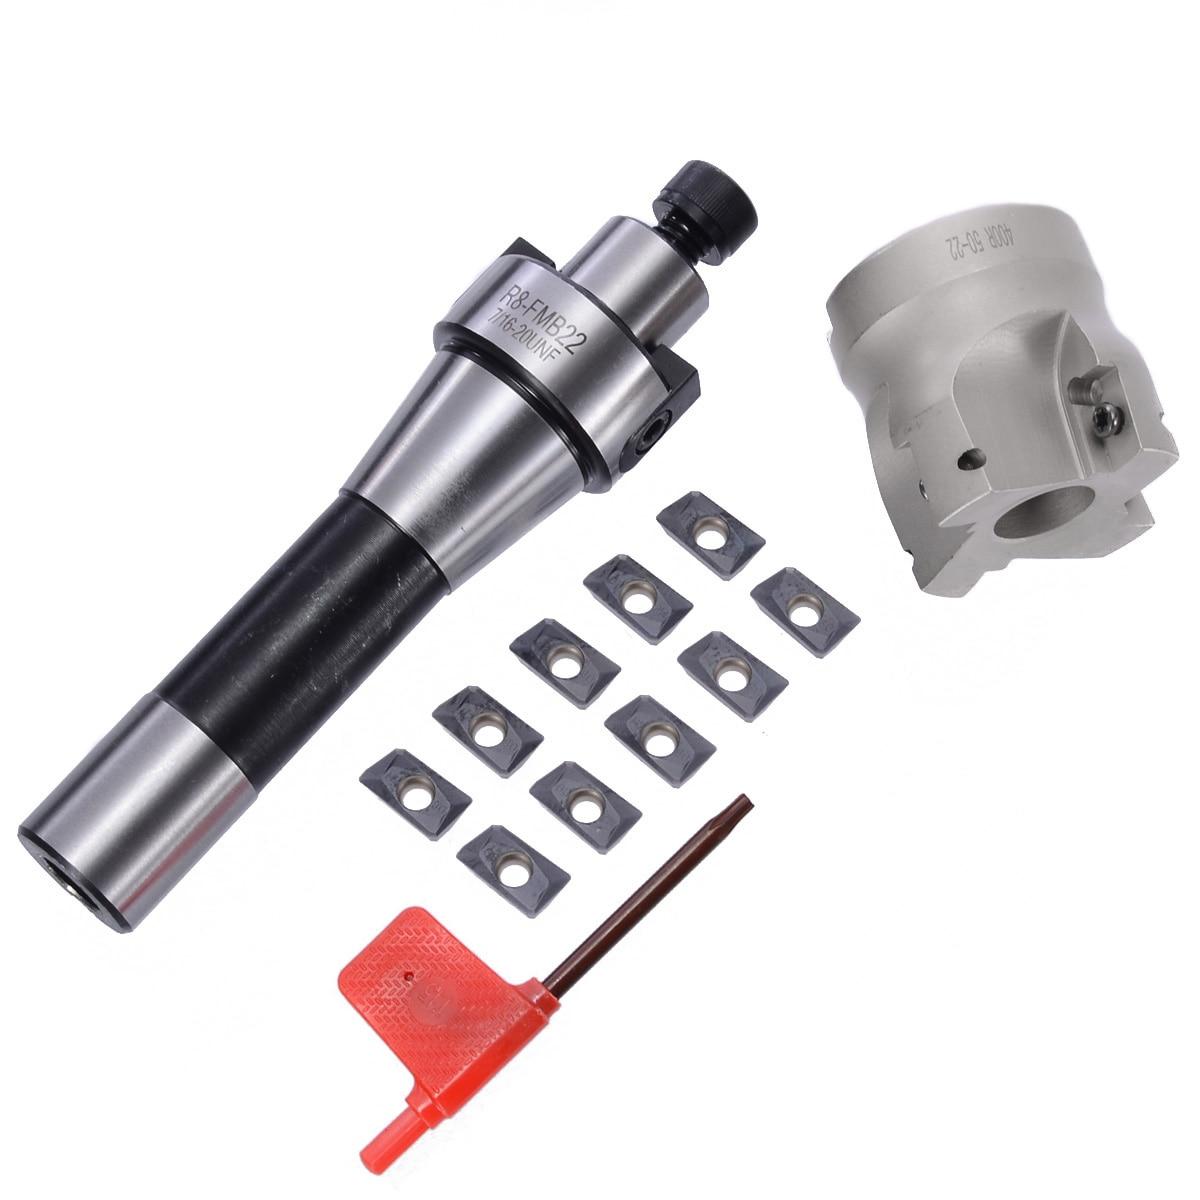 400R 50MM Face End Mill Cutter 10pcs Carbide Insert APMT1604 CNC Mill Milling Cutter Insert Kit